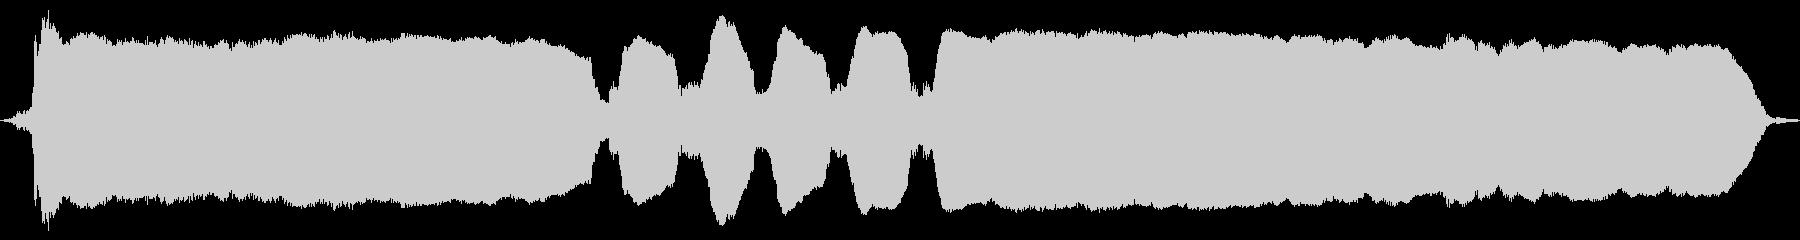 こぶし01(A#)の未再生の波形